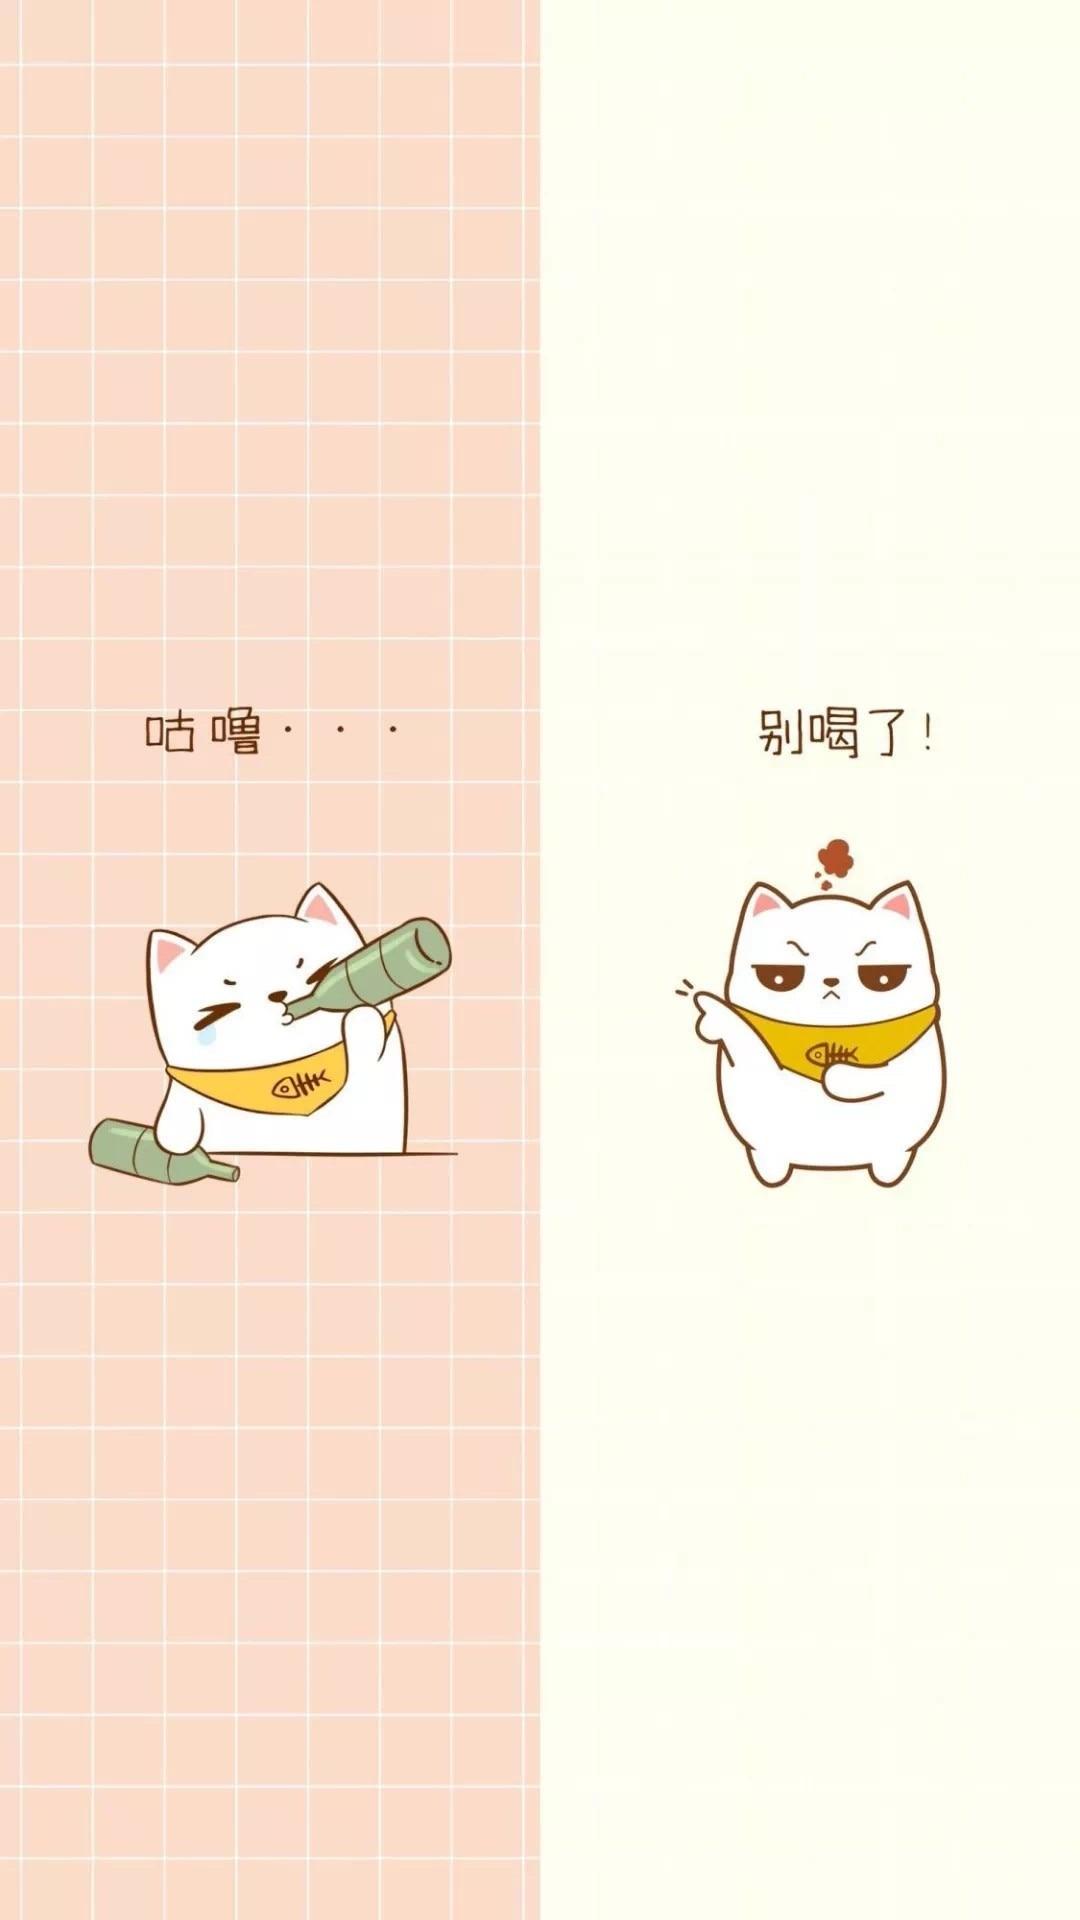 QQ微信聊天背景图:发财和发朋友圈,你总要发一个吧!插图21